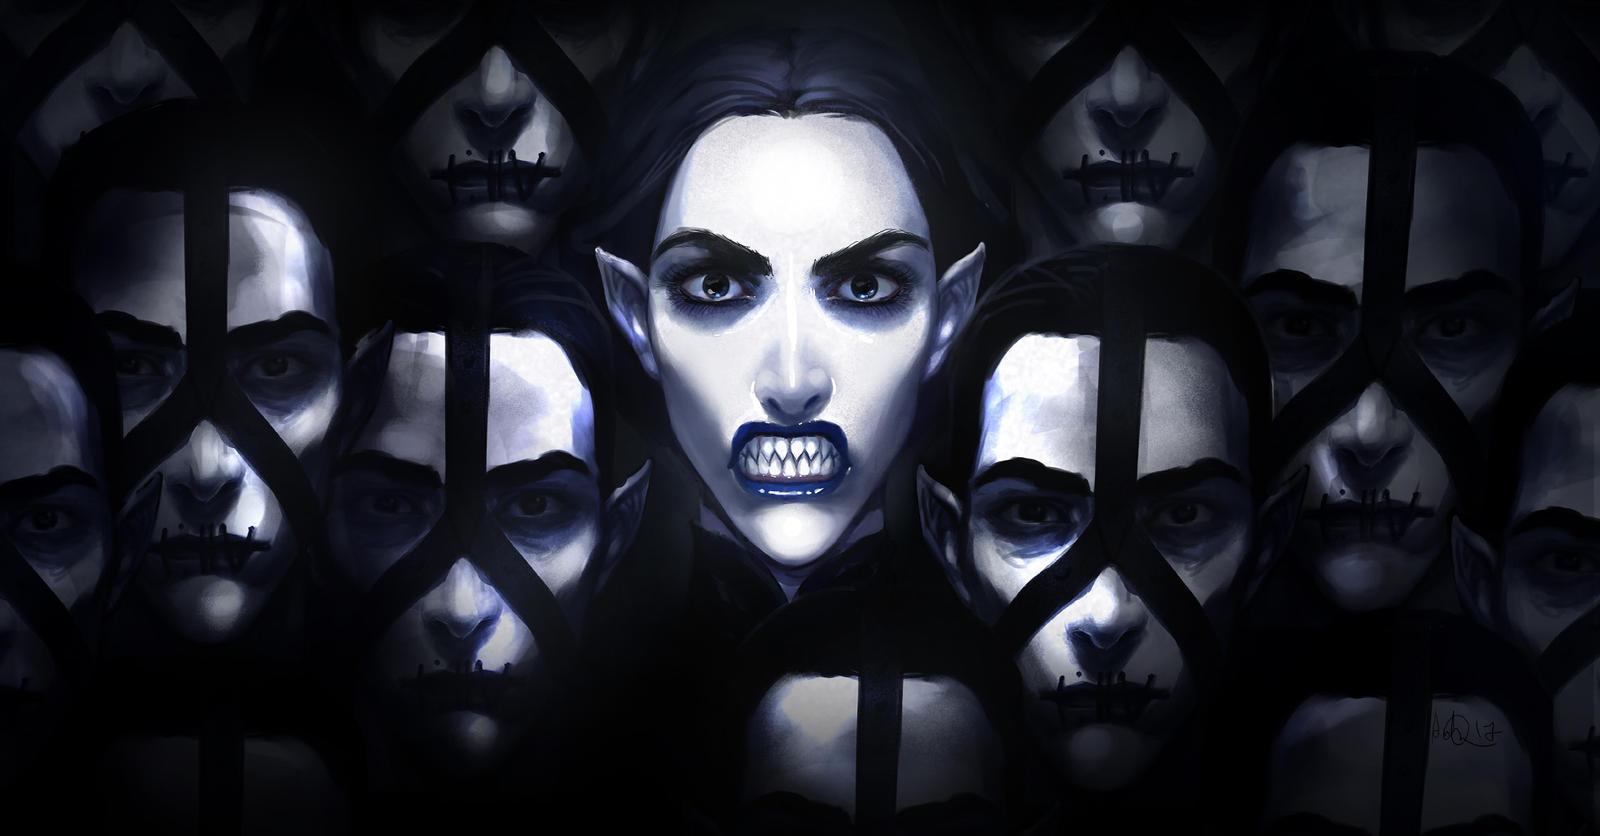 Black Queen by anndr